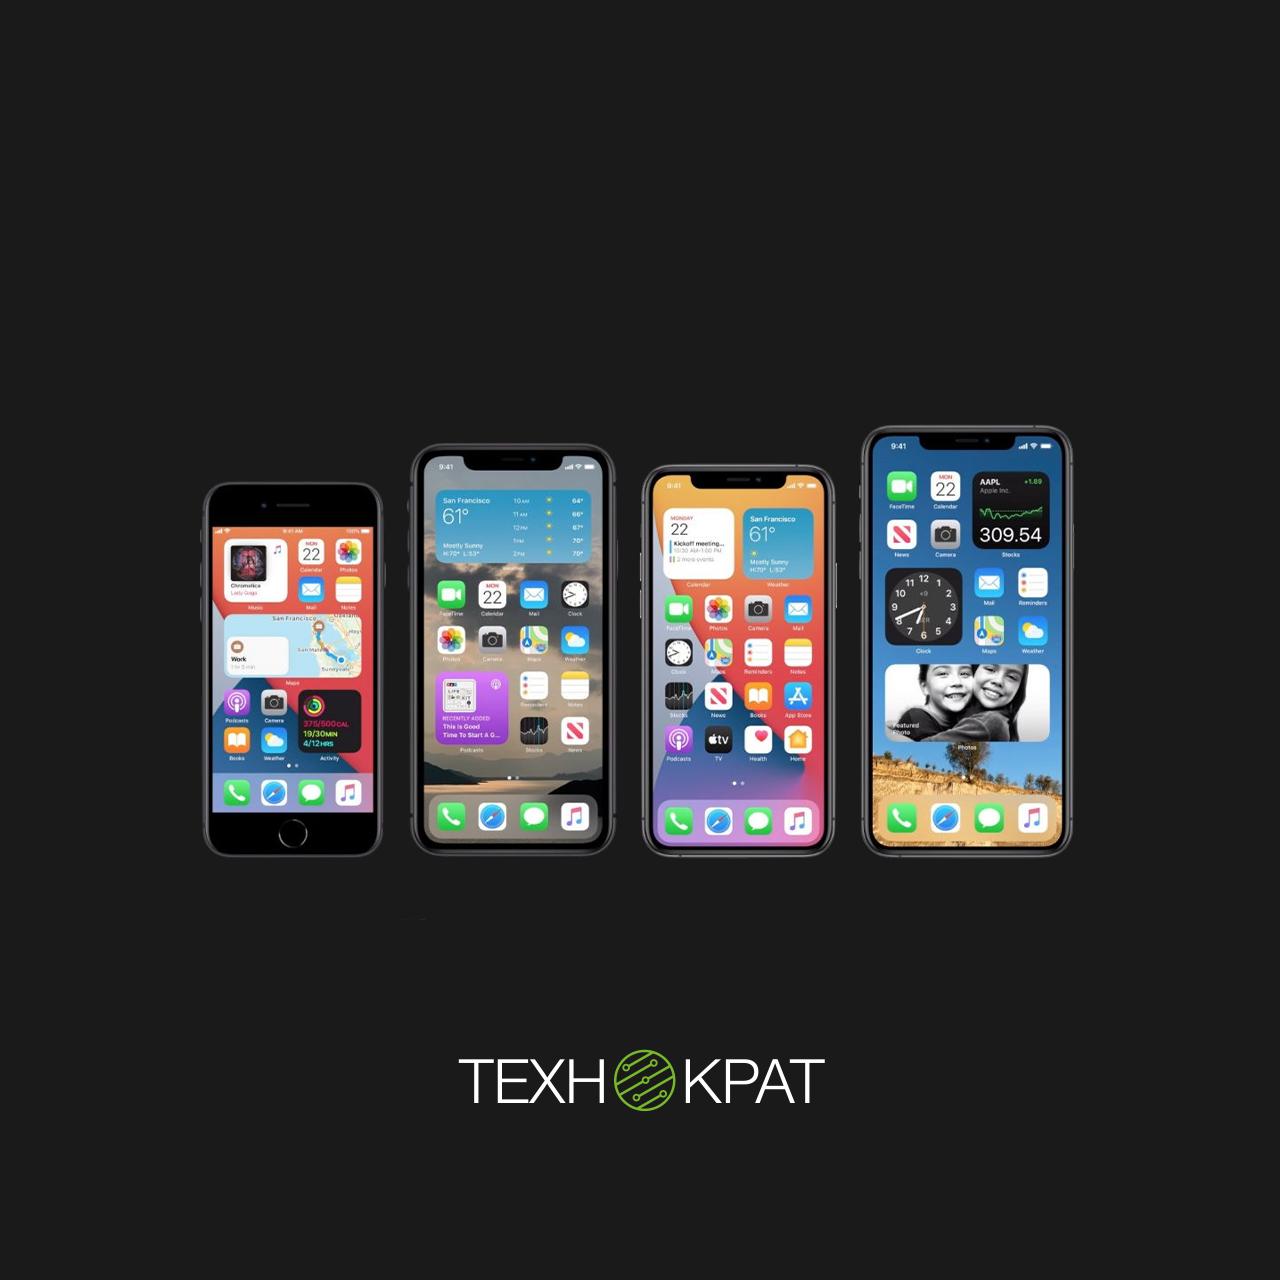 Використання віджетів на iPhone